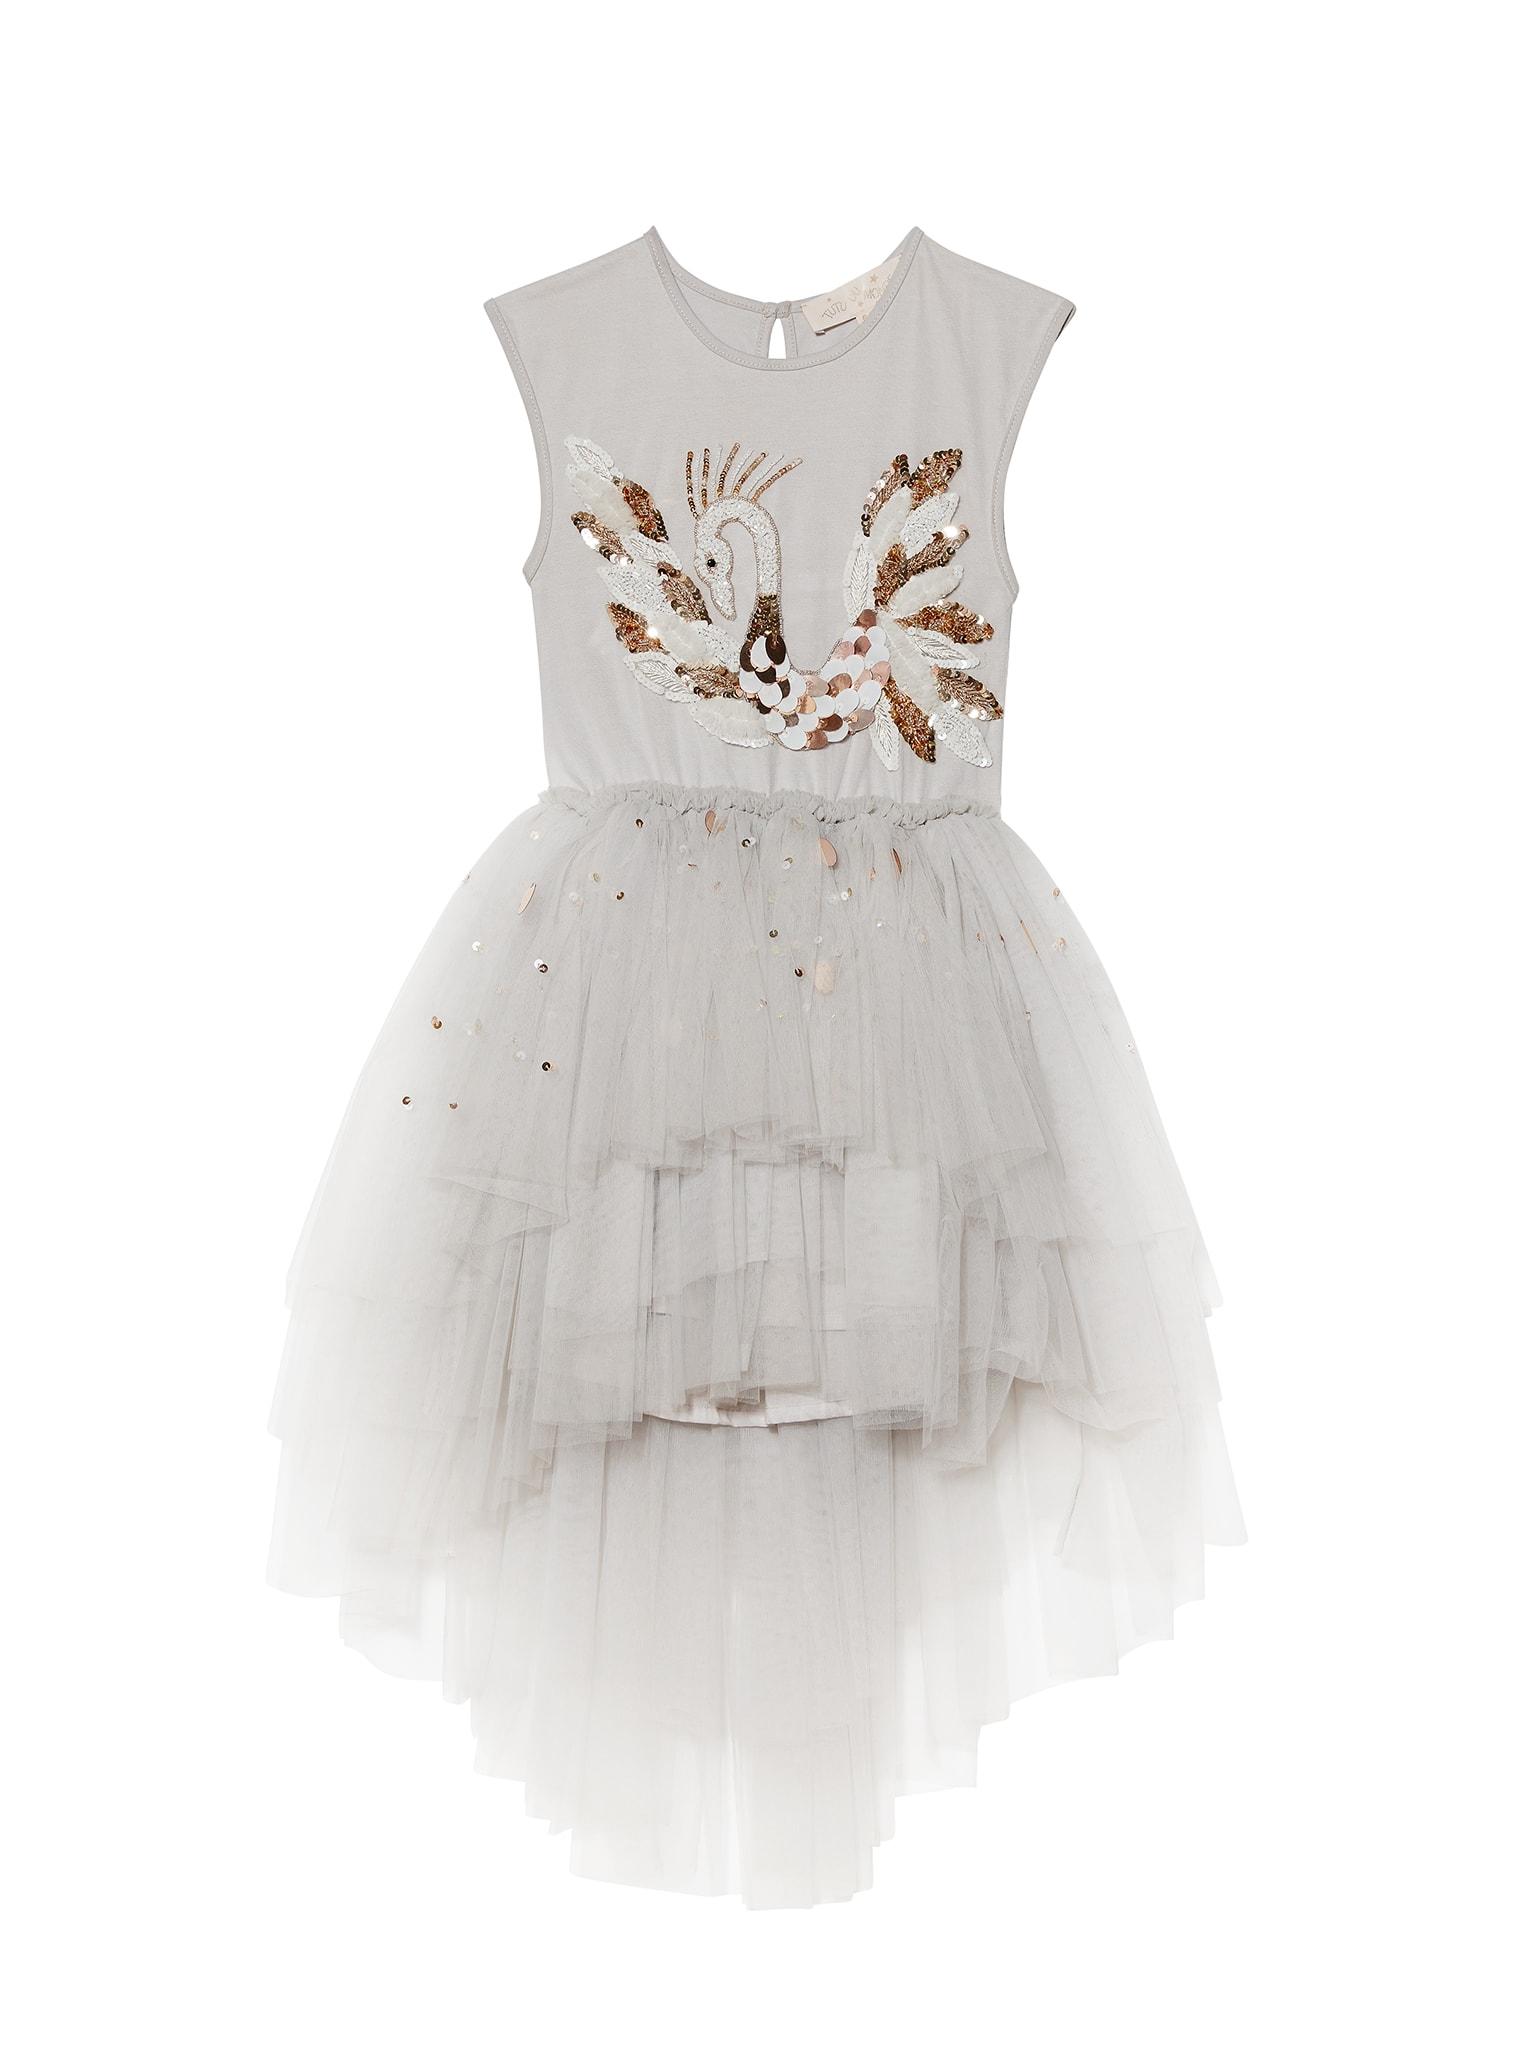 Tdm4054 cherished swan tutu dress 01 min